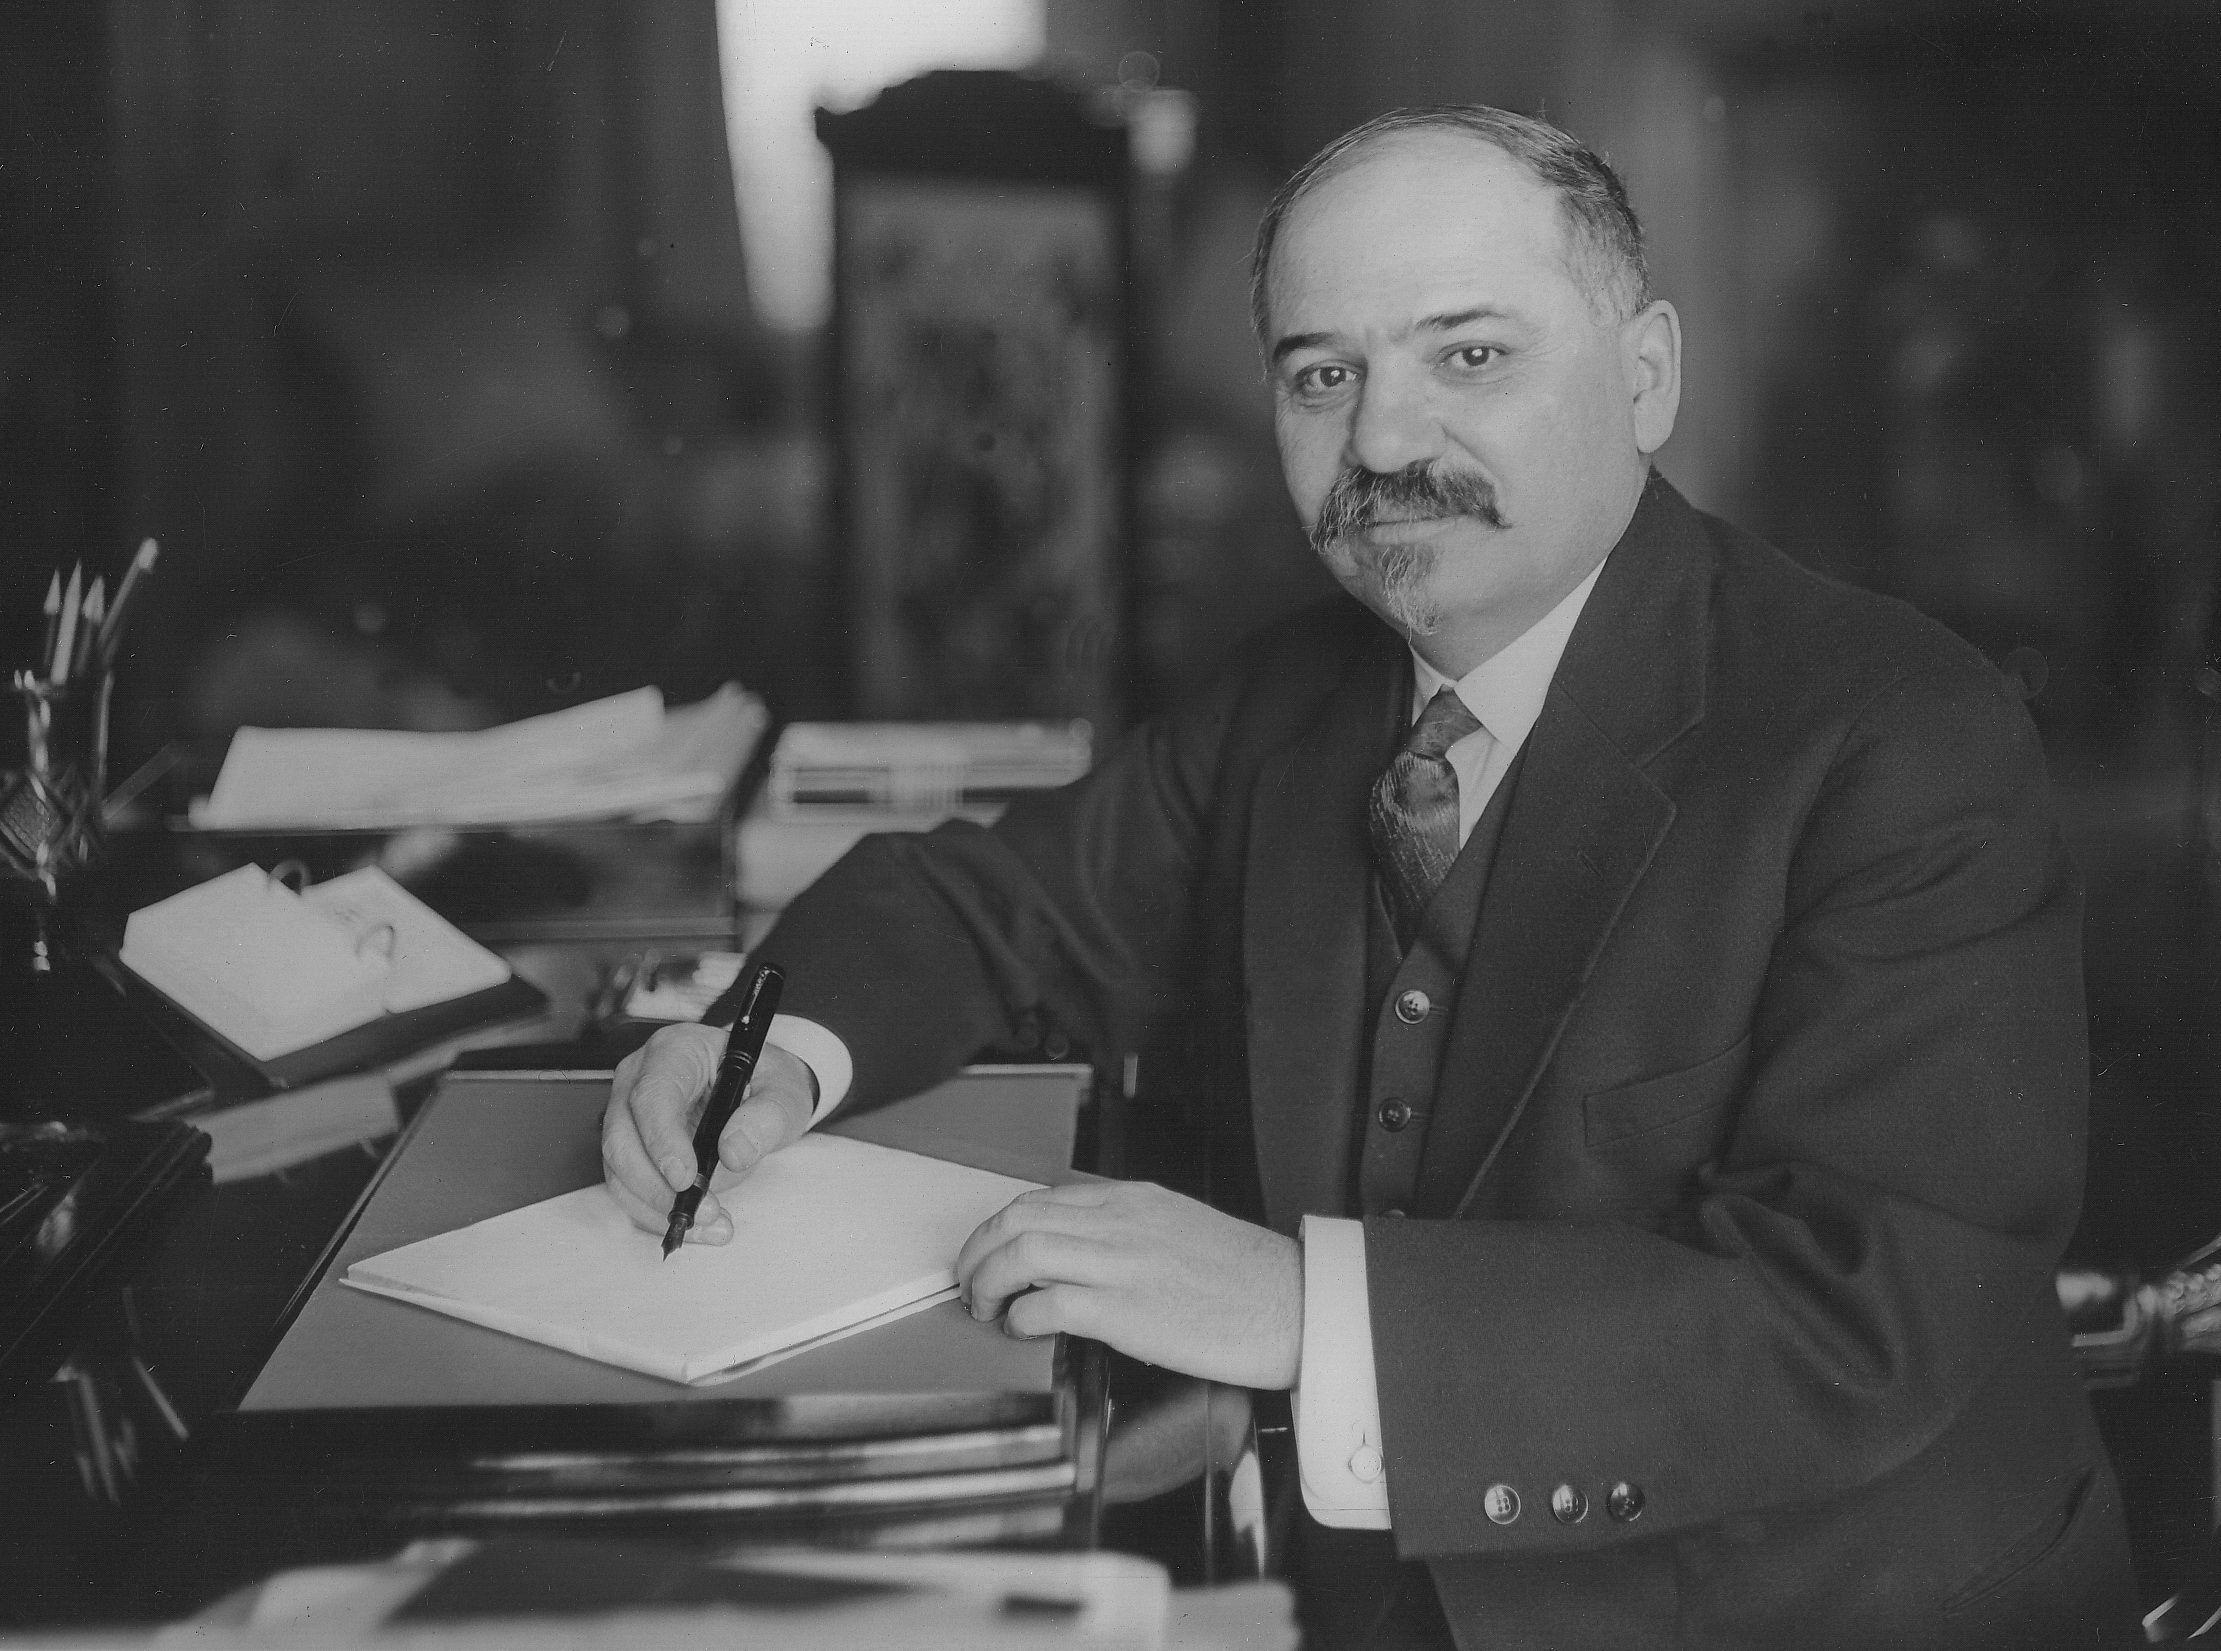 Sovyetler Birliği'nin Londra Büyükelçisi olarak görev yapan İvan Mihayloviç Mayski